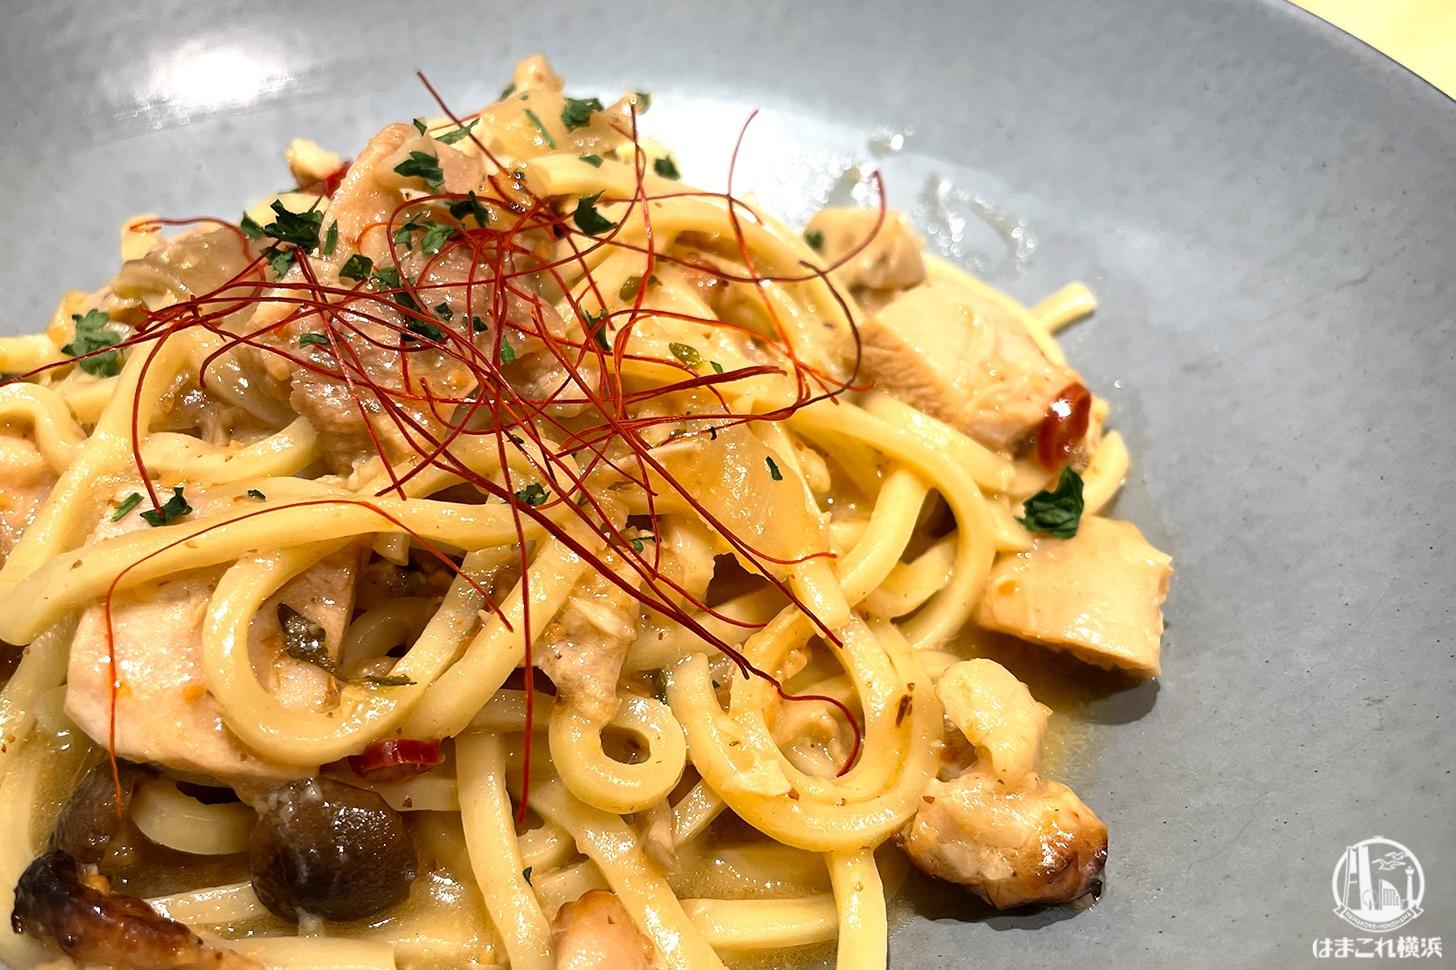 ニュウマン横浜の2416マーケットパスタアンドは生麺でもっちもち!素材とアレンジにもハマる